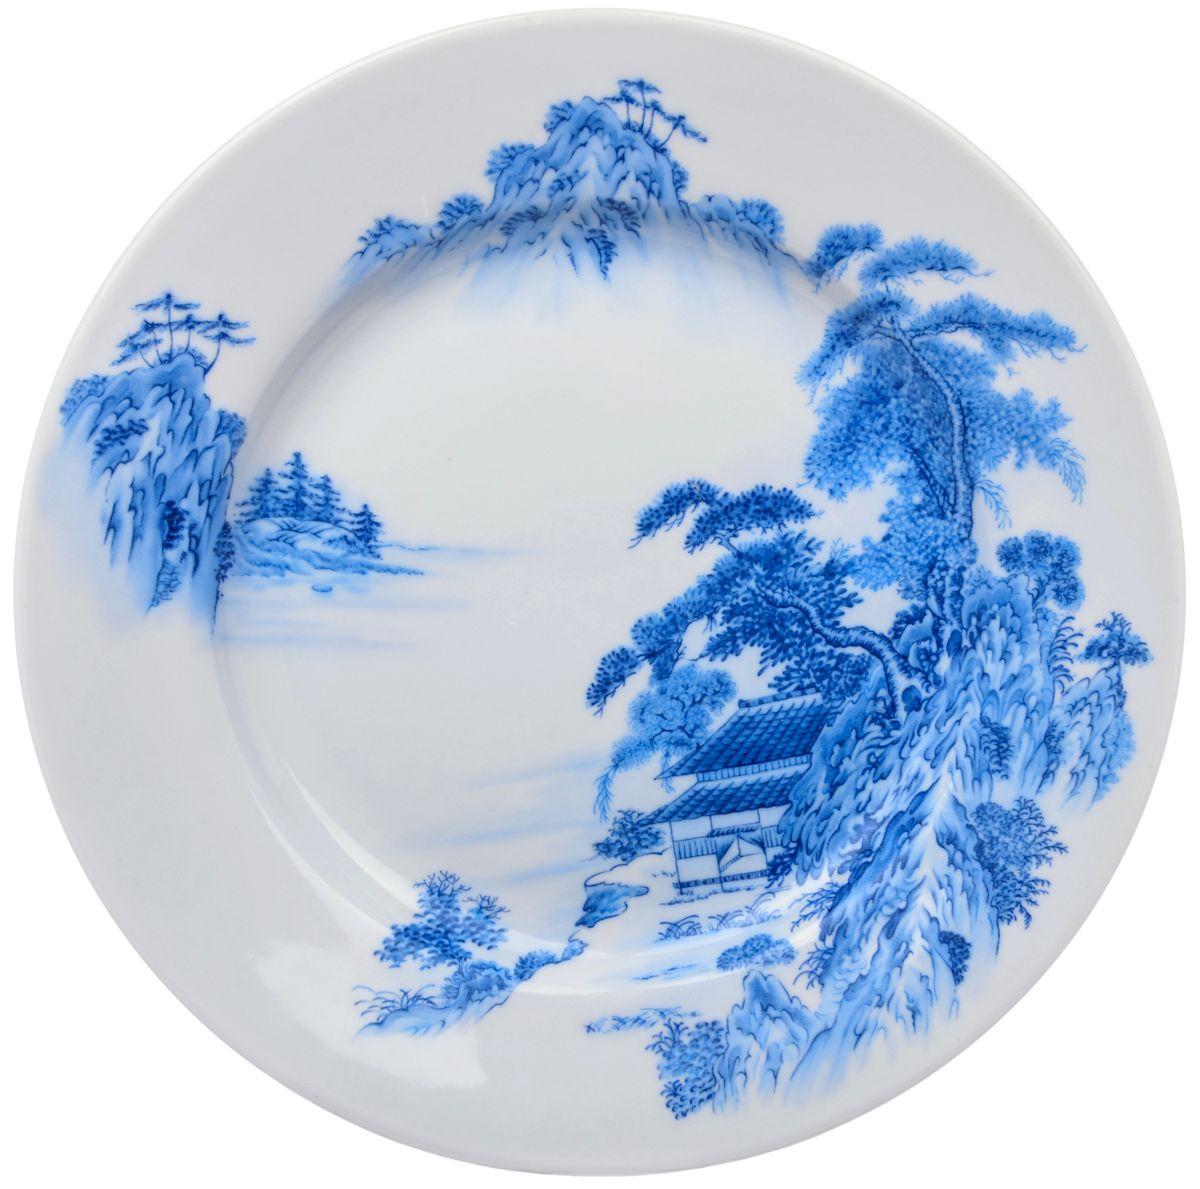 Тарелка обеденная Дулевский фарфор Азия, 24 смFS-91909Посуду можно использовать в СВЧ и мыть в посудомоечных машинах. Не рекомендуется использовать абразивные моющие средства.